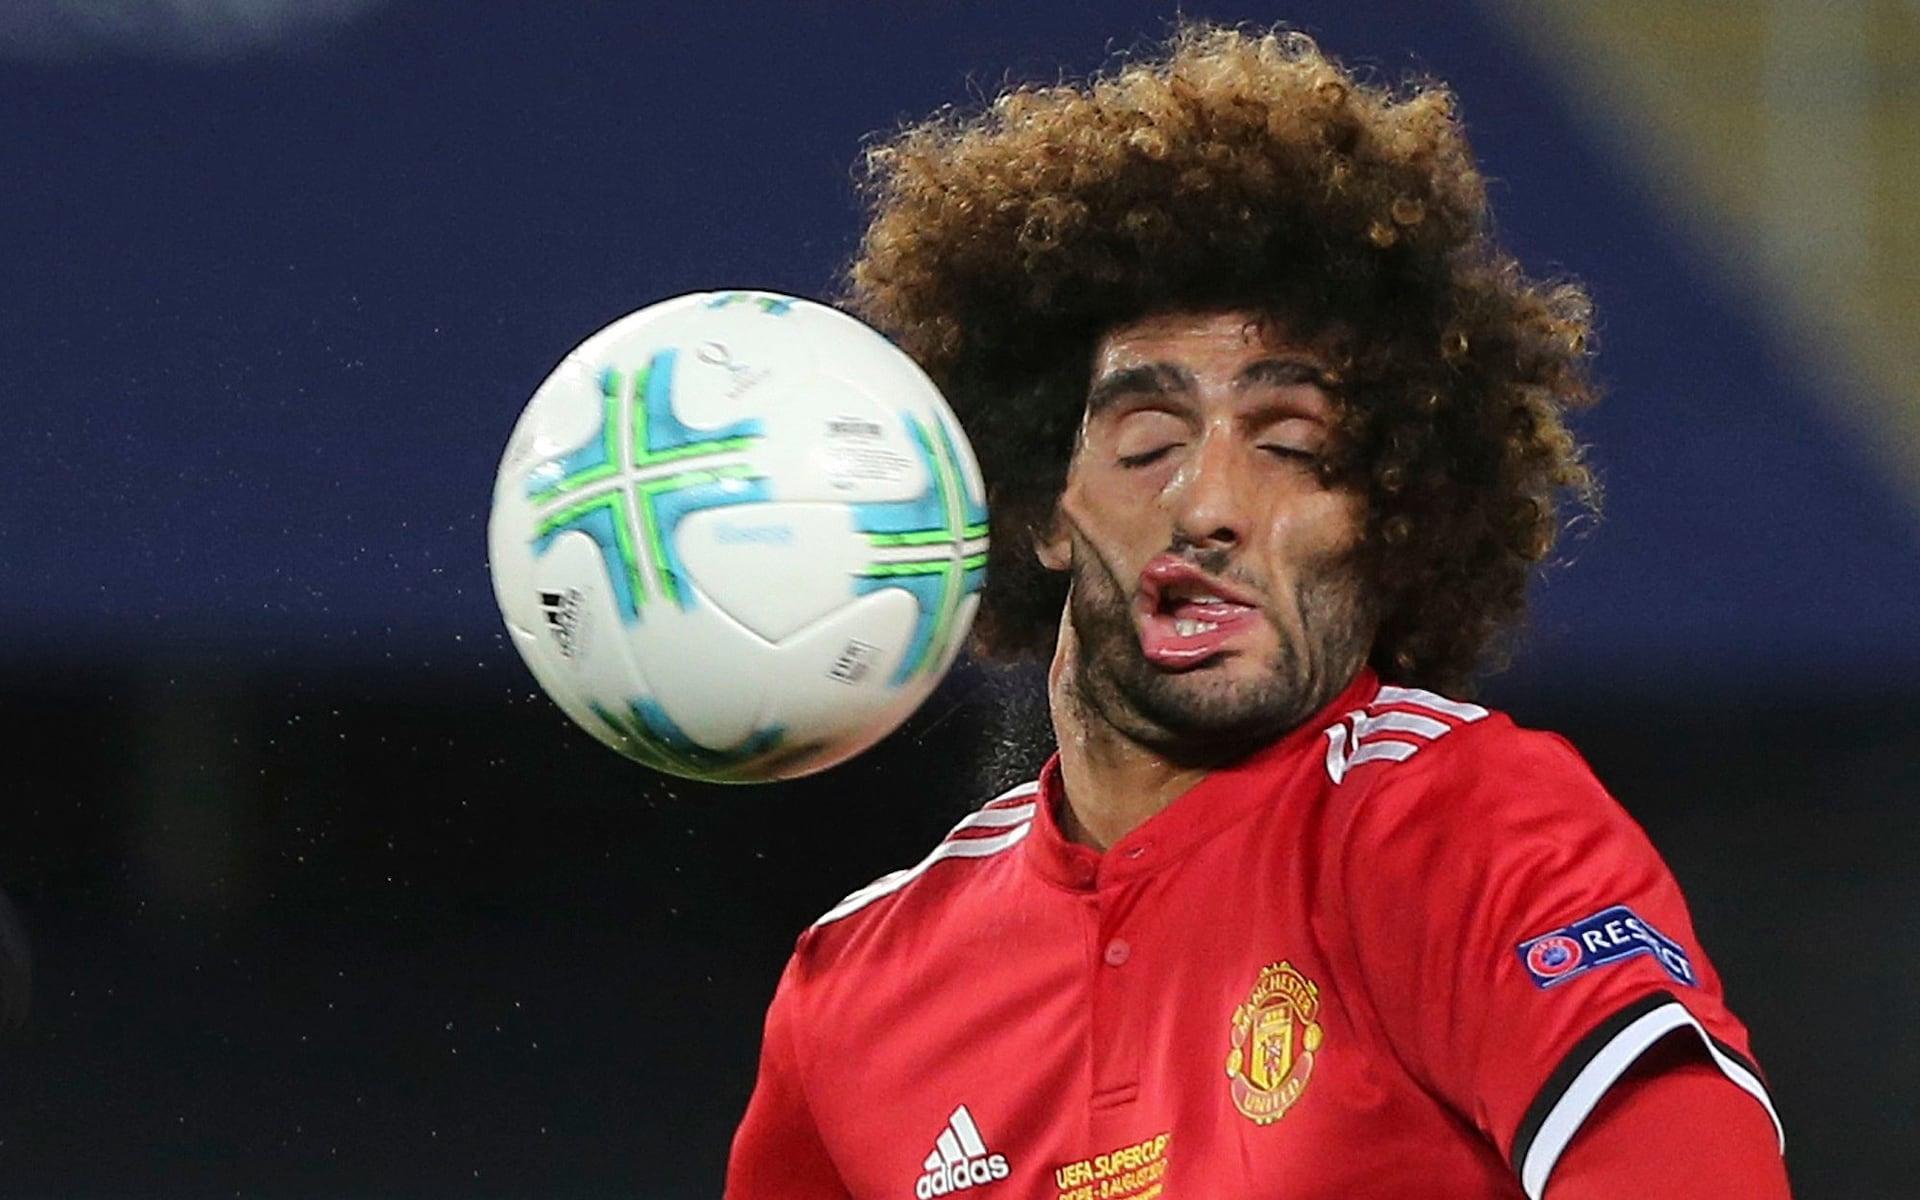 Картинки с приколами футбола